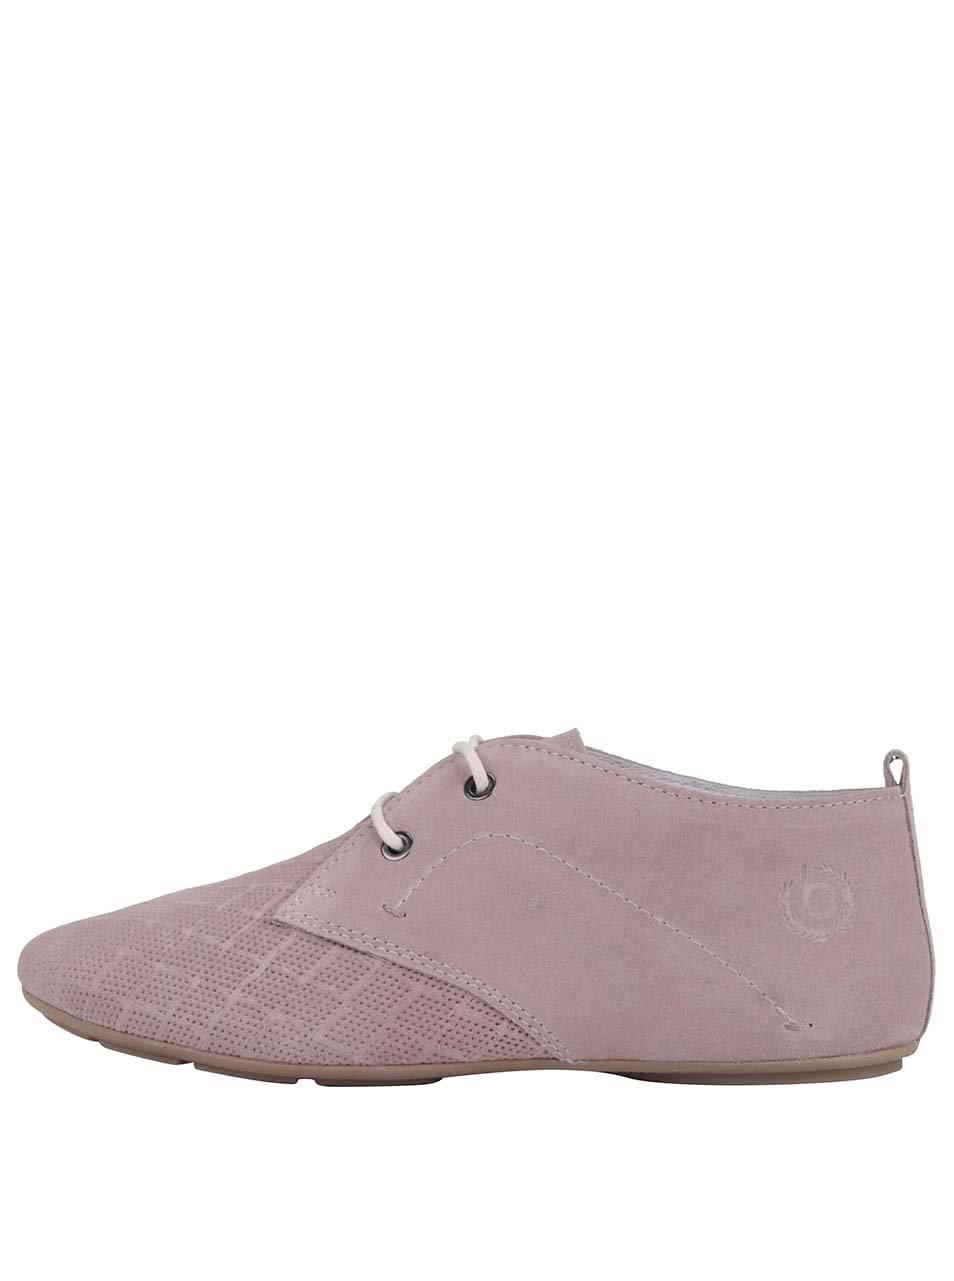 461c2b0e8f0 Ružové kožené dámske poltopánky s perforovanou špičkou bugatti ...